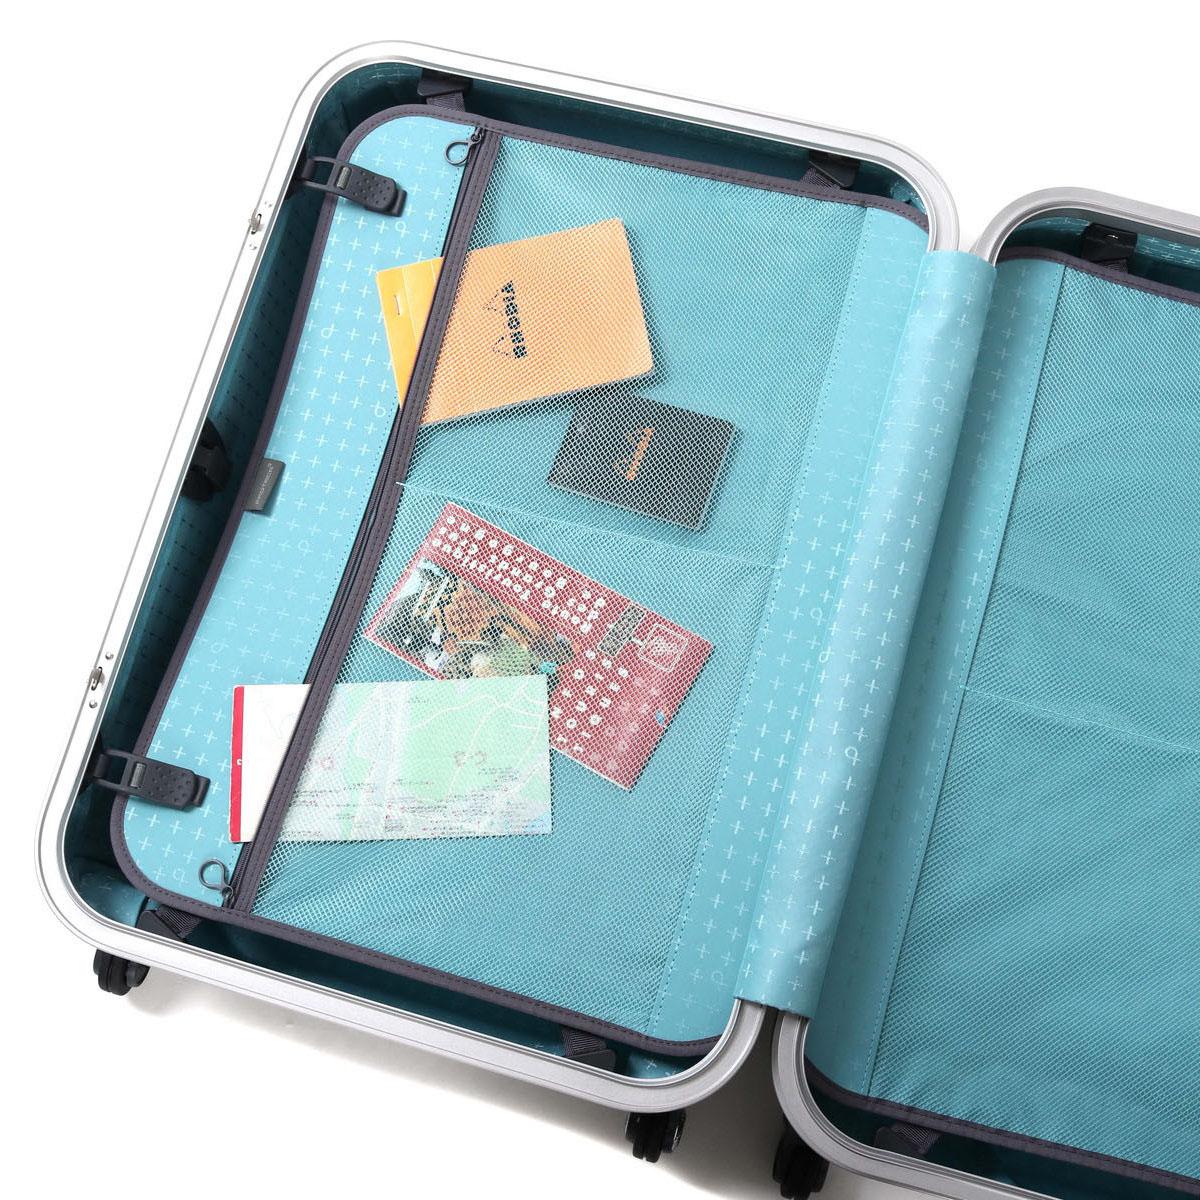 プロテカスーツケース PROTeCA プロテカエキノックスライトオーレ 68L 5-6 night light weight EQUINOX LIGHT ORE frame carry case ace ACE 00741